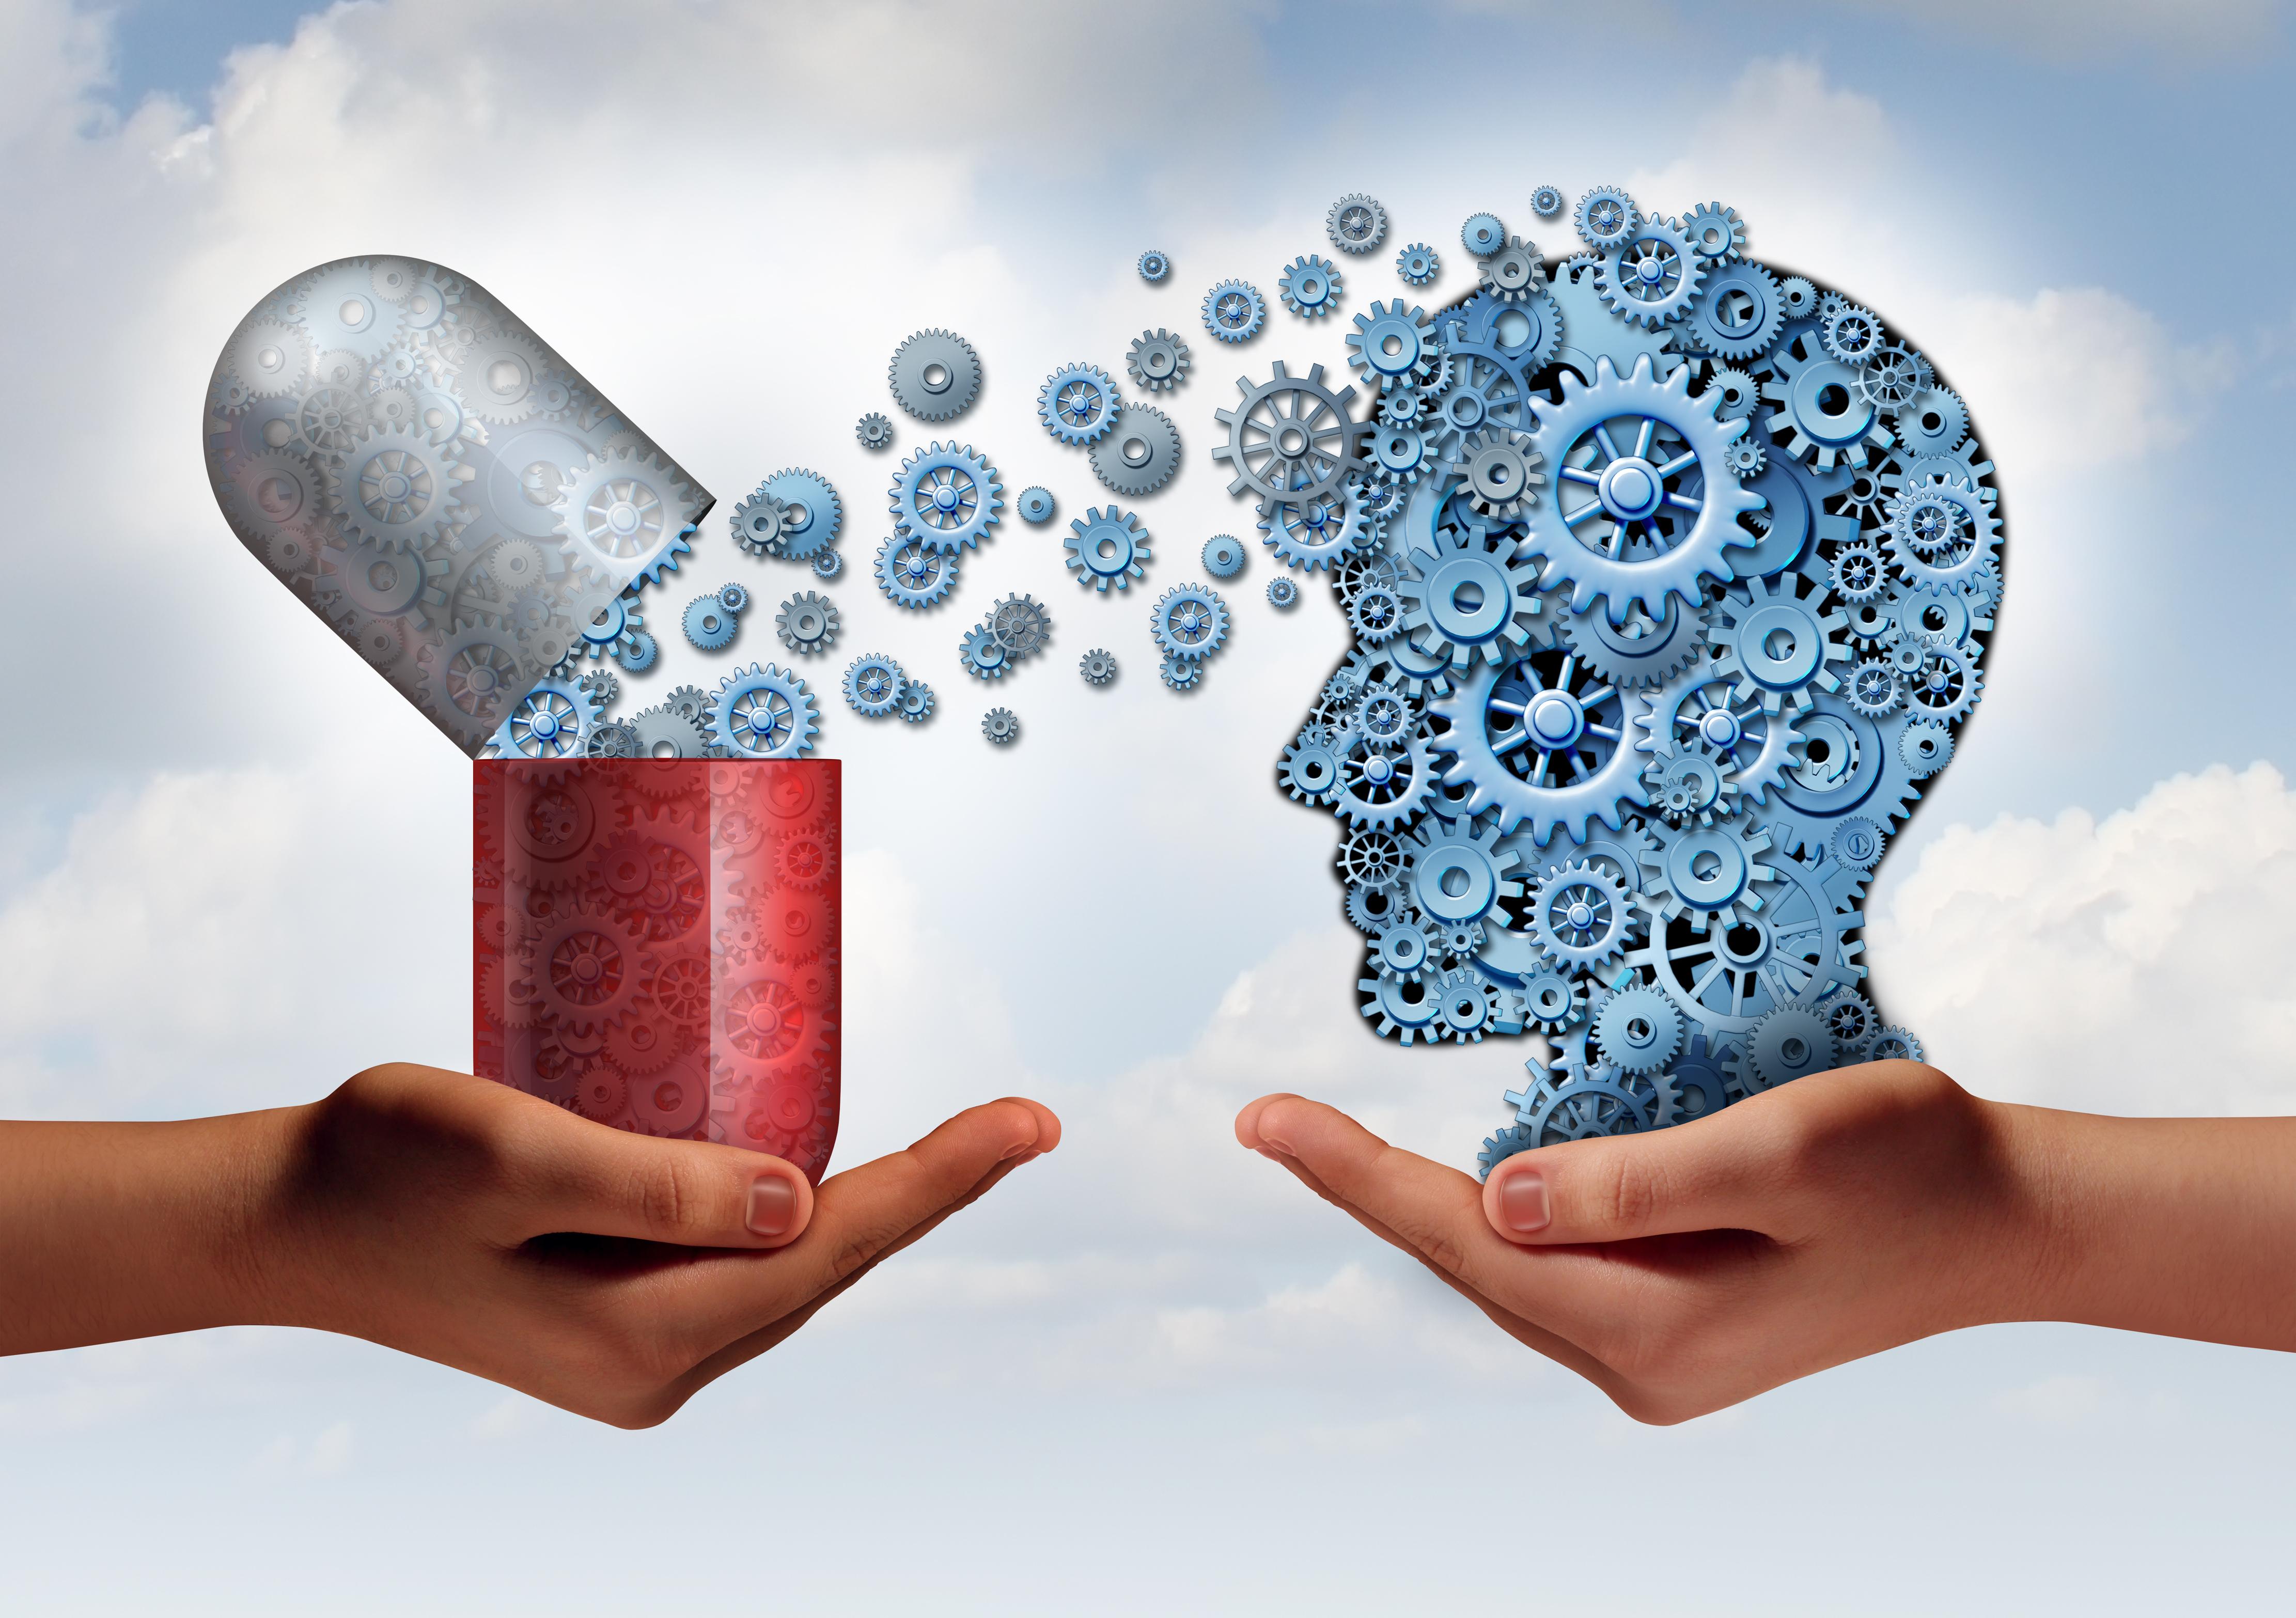 Como os protocolos REAC podem ajudar a complementar o tratamento de doenças?